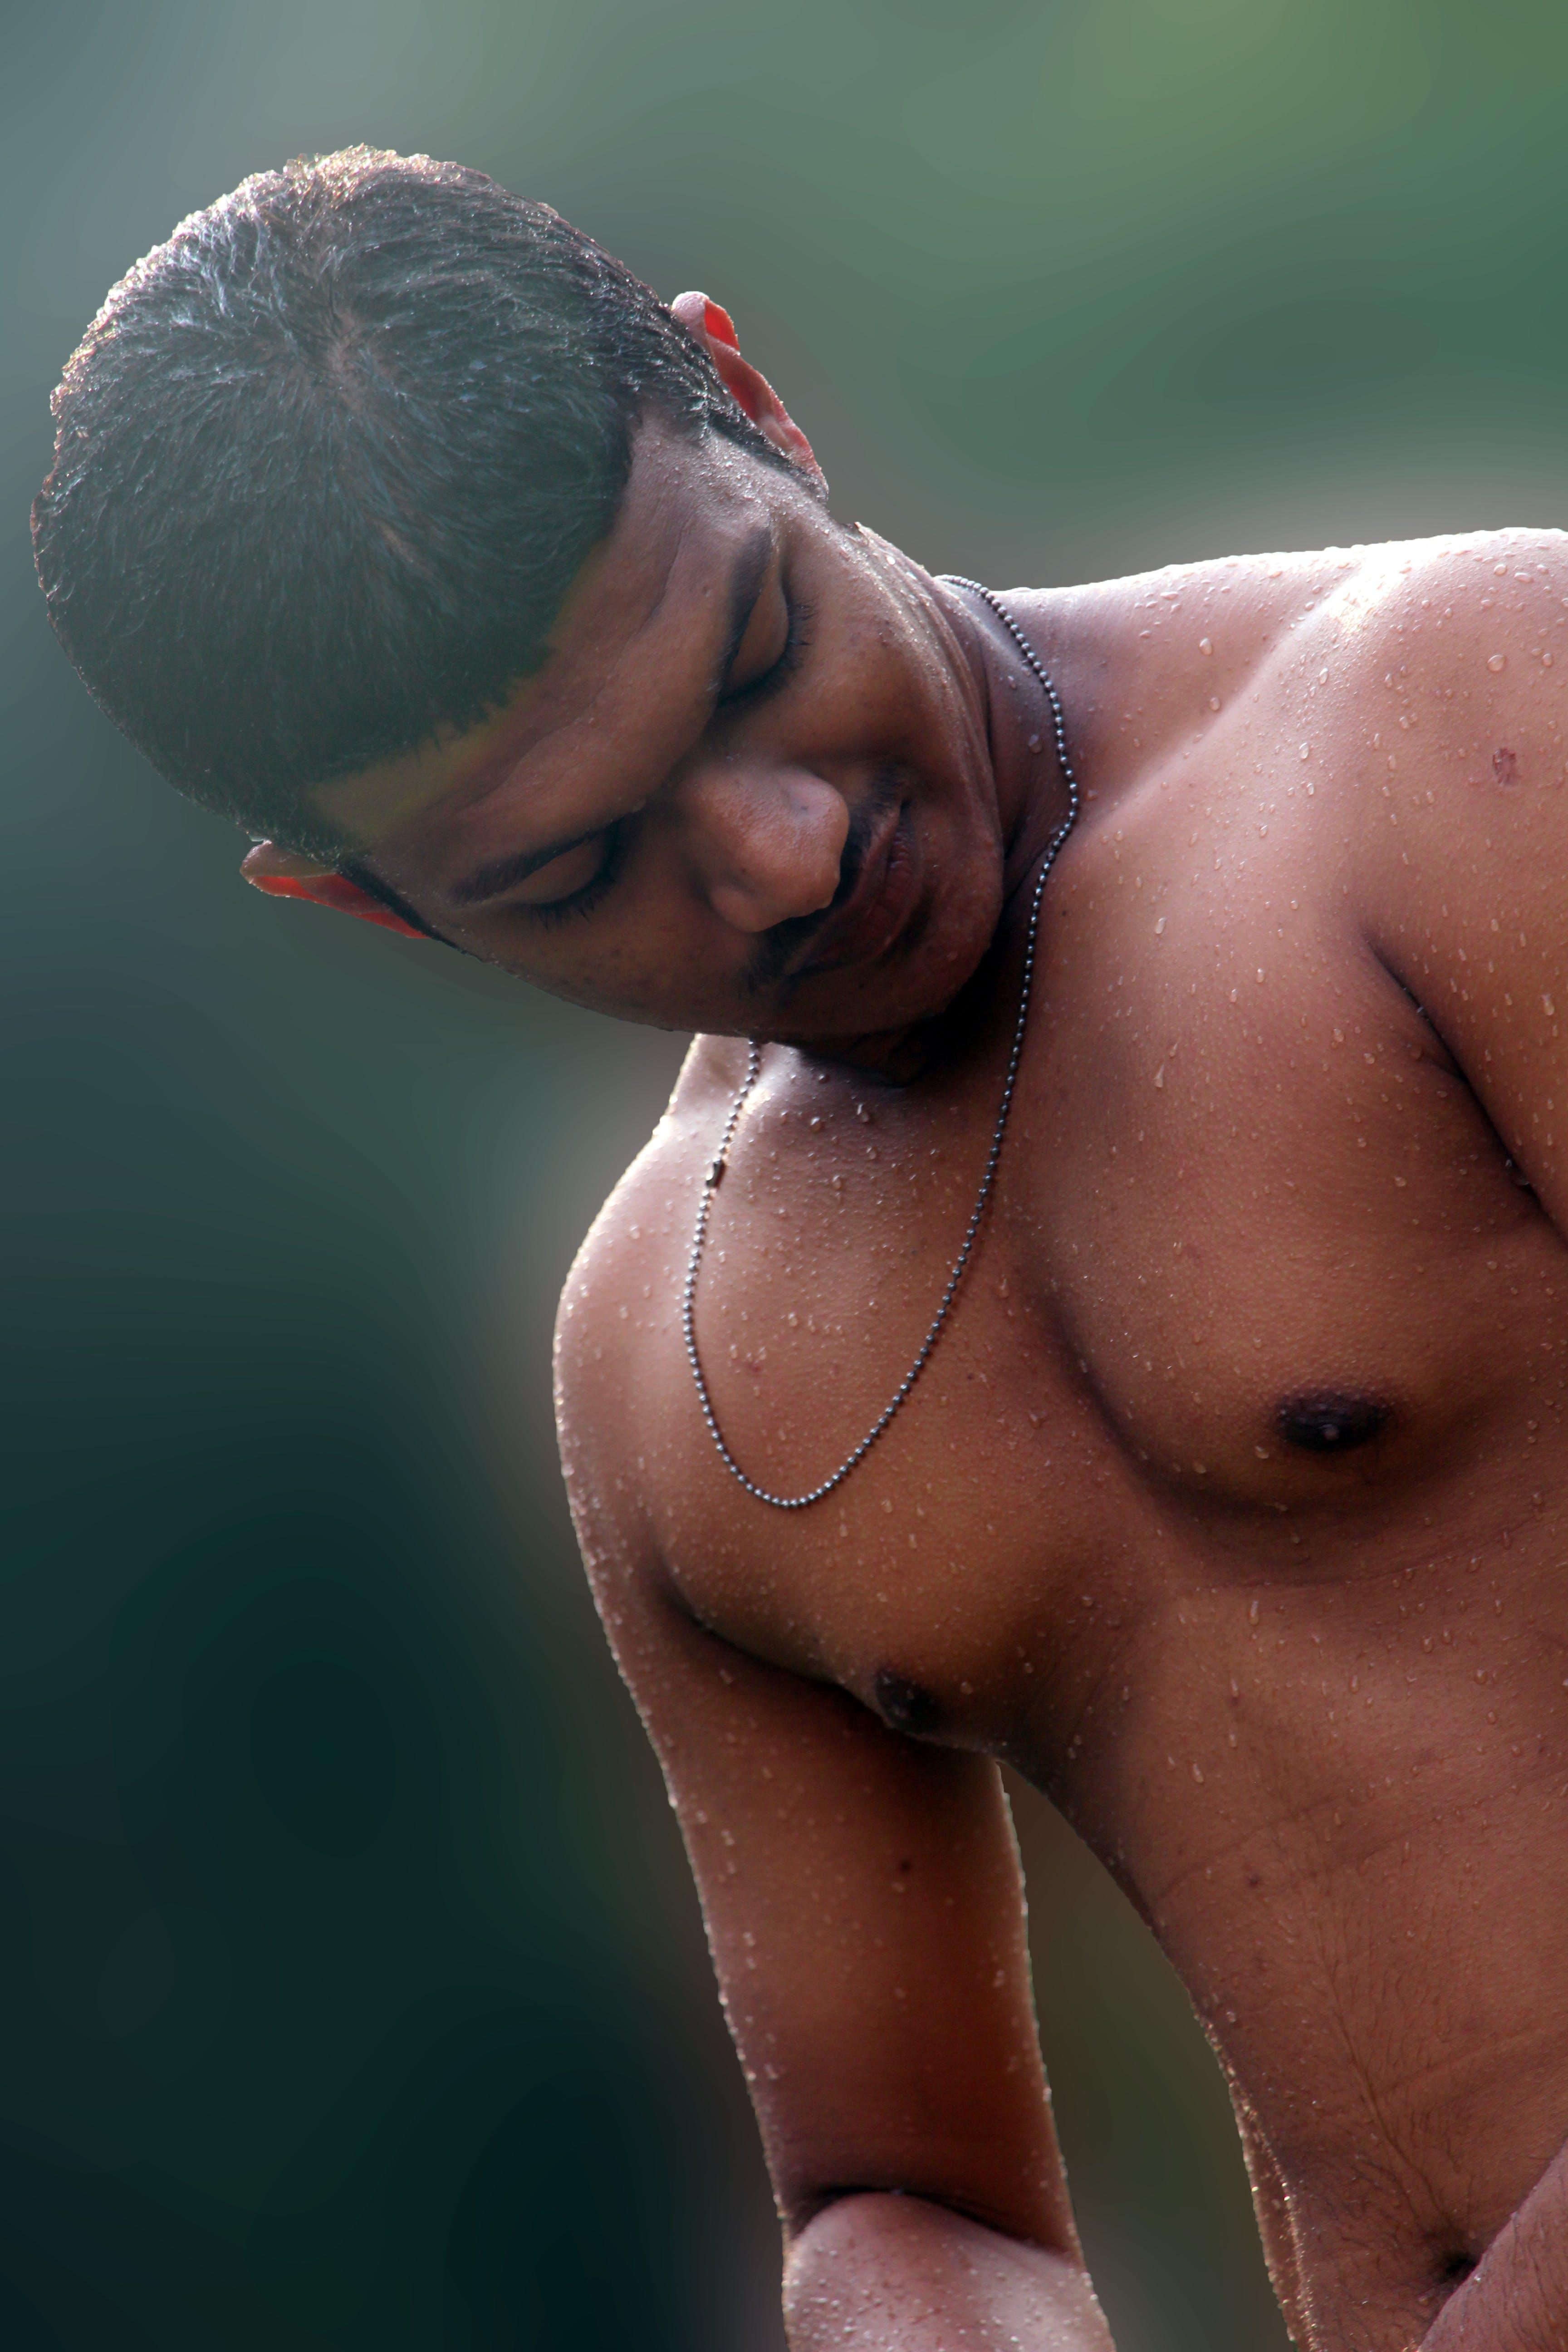 Gratis stockfoto met bodybuilden, daglicht, depth of field, fotomodel